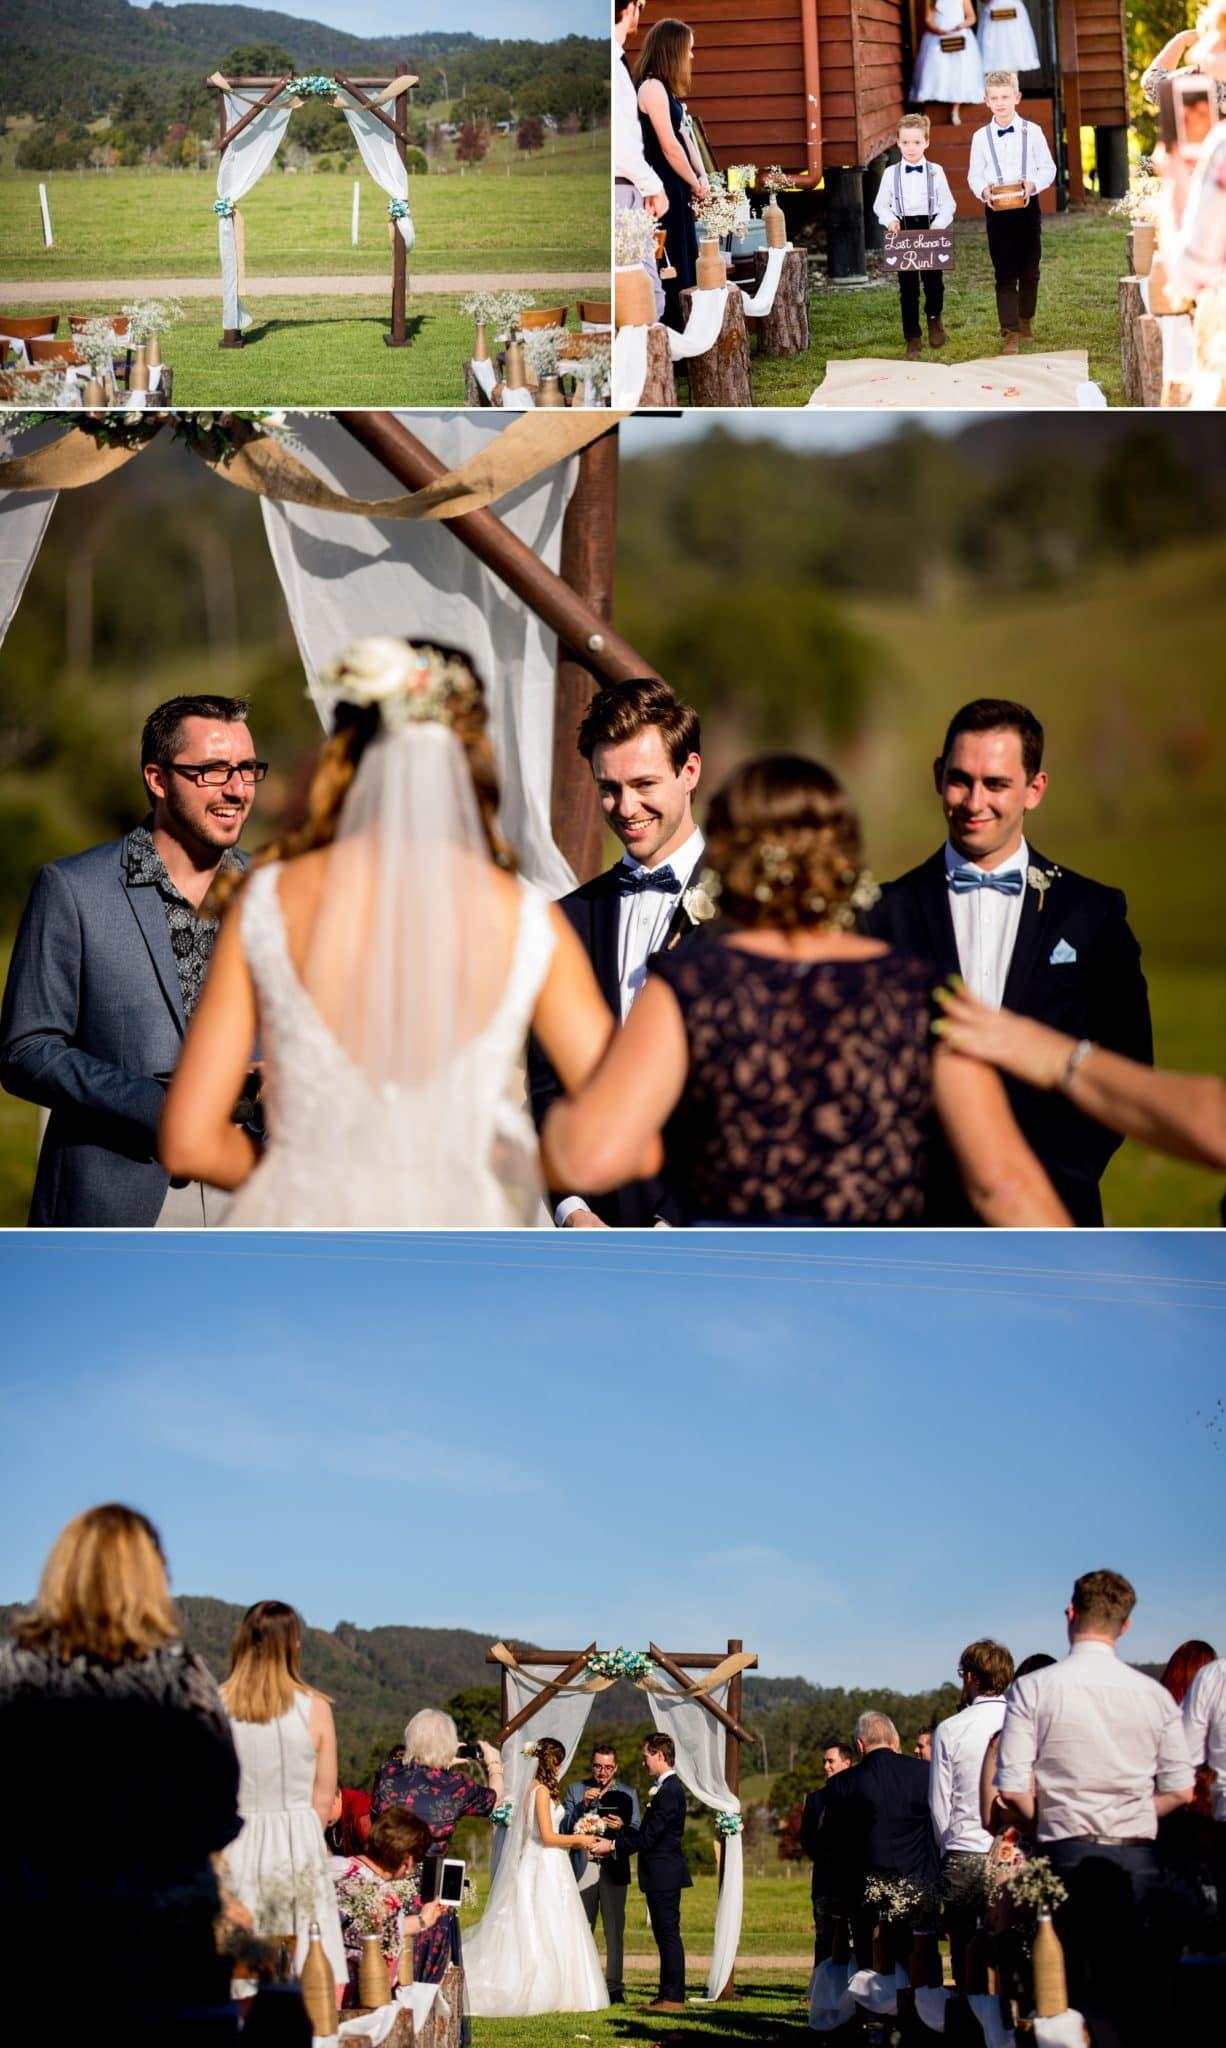 sunshine coast wedding photography www.fieldandforest.com.au